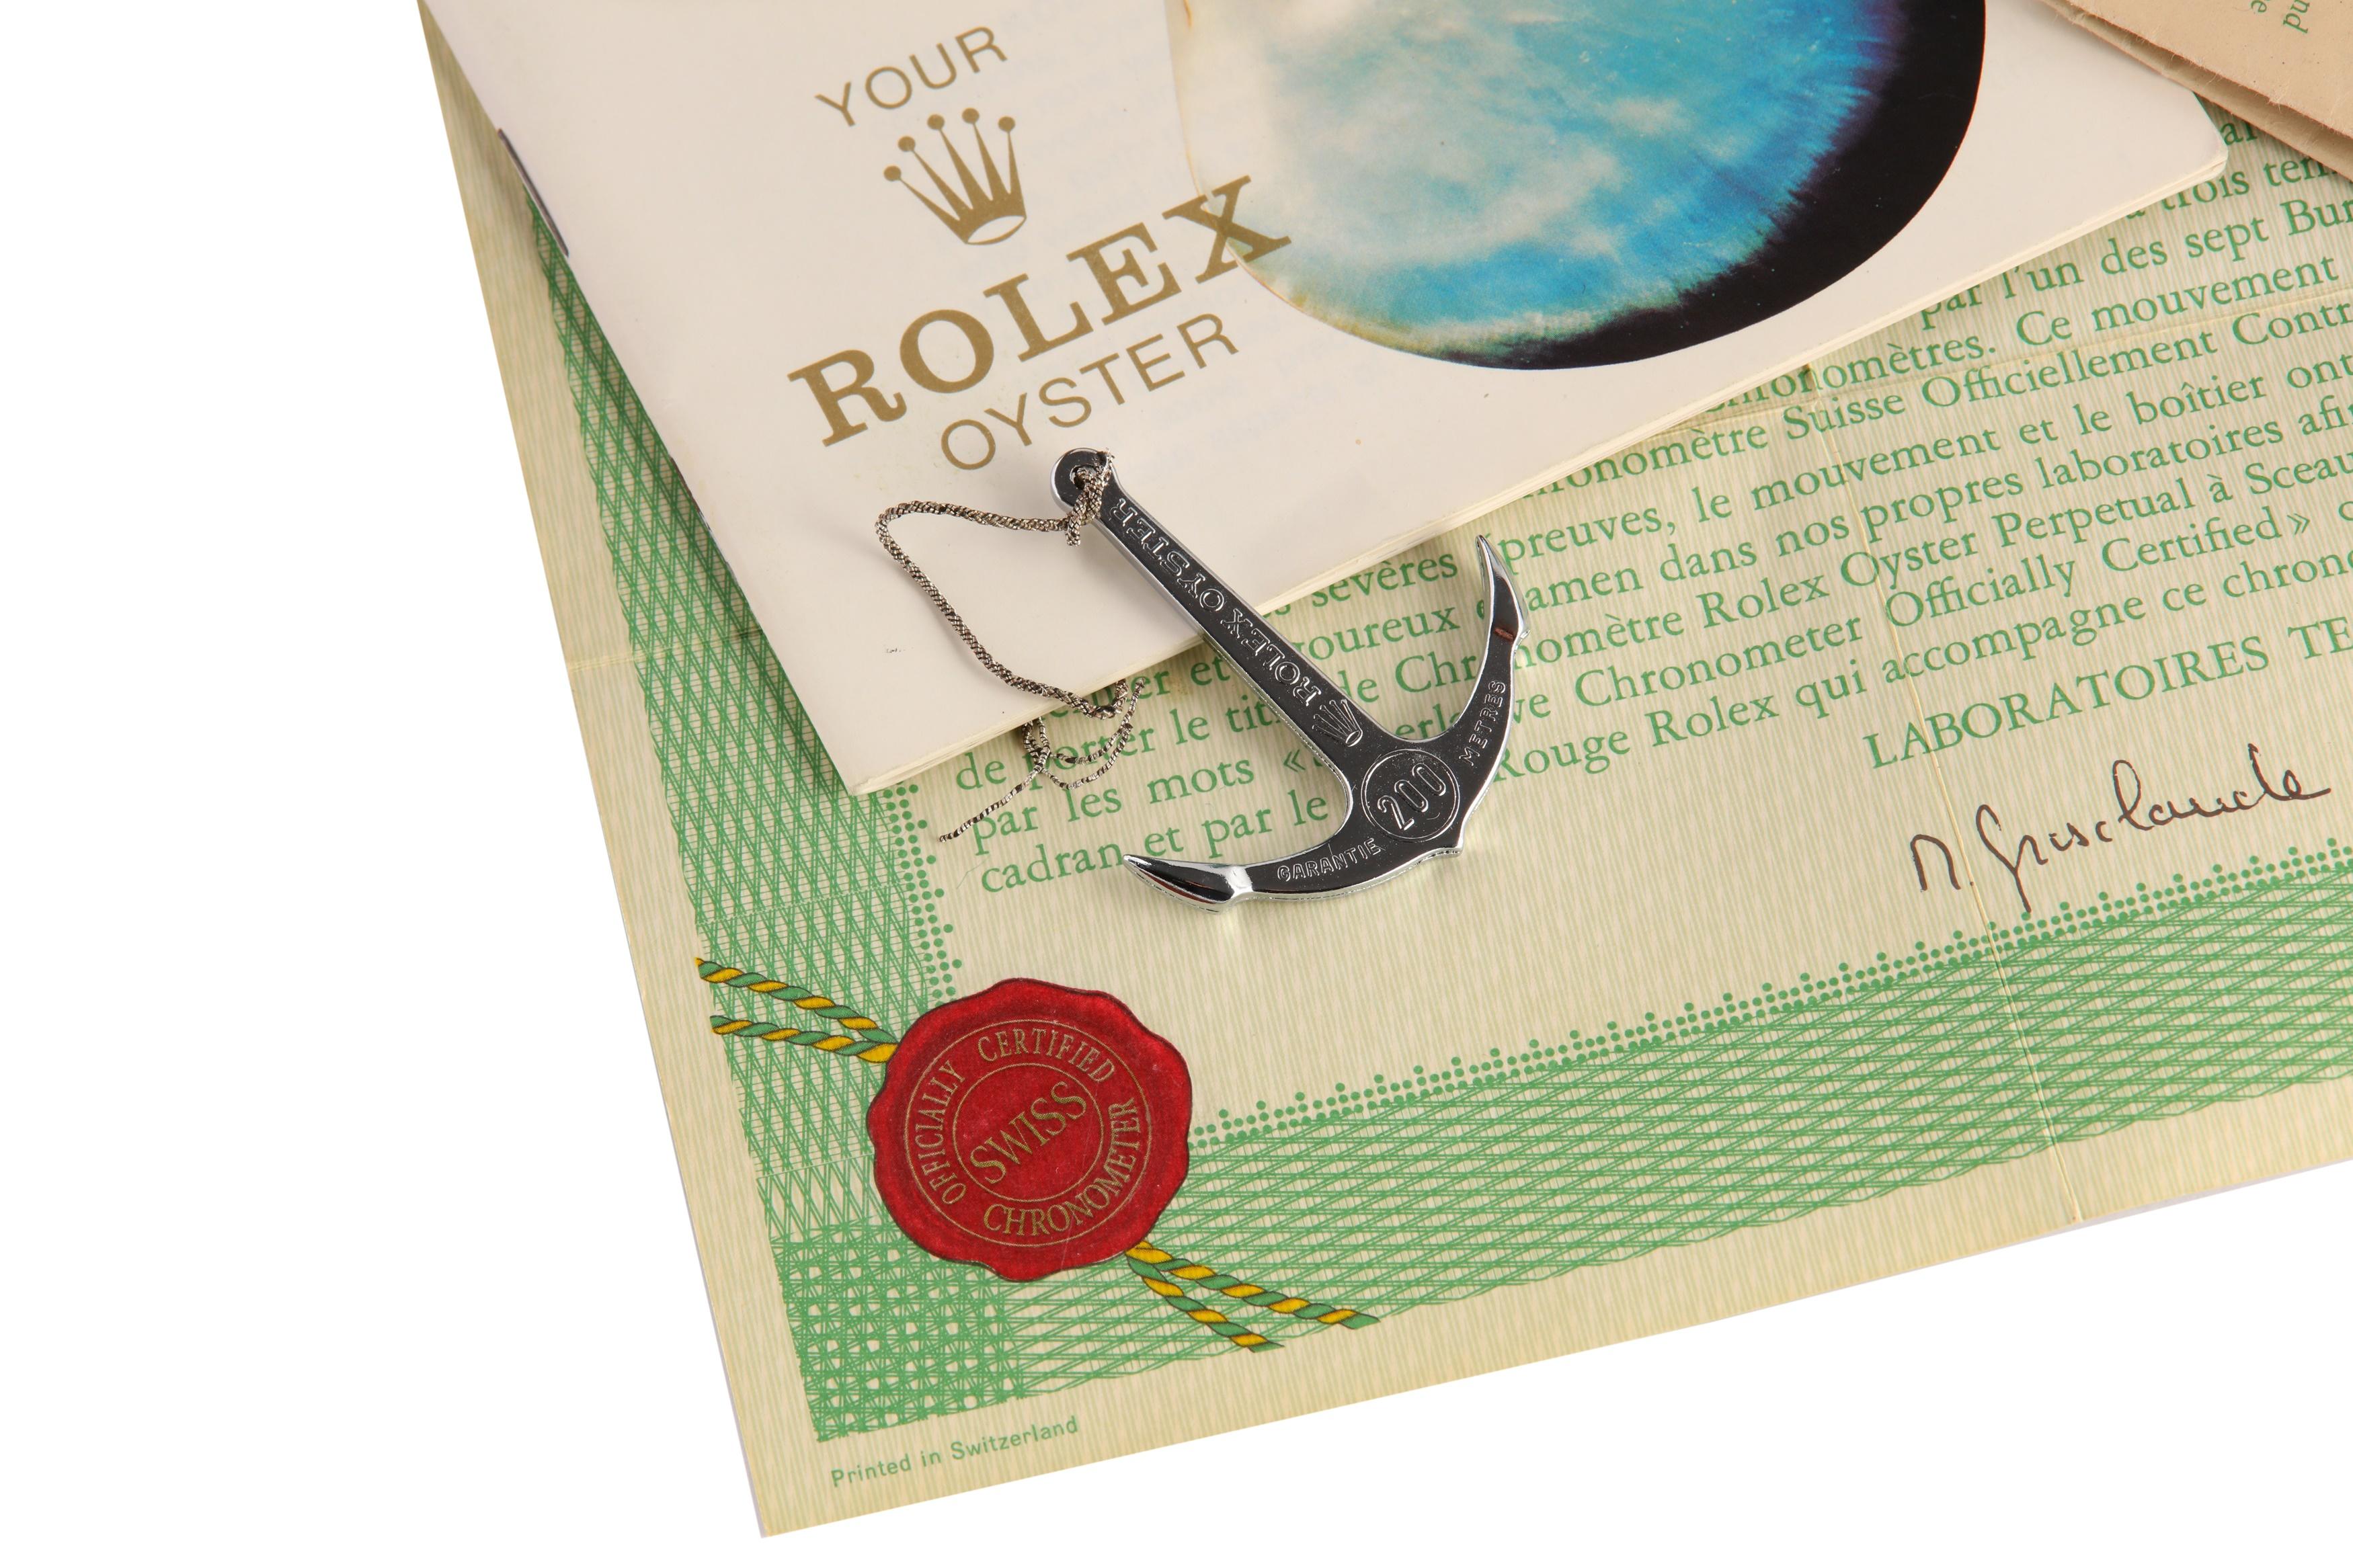 ROLEX - Image 3 of 12